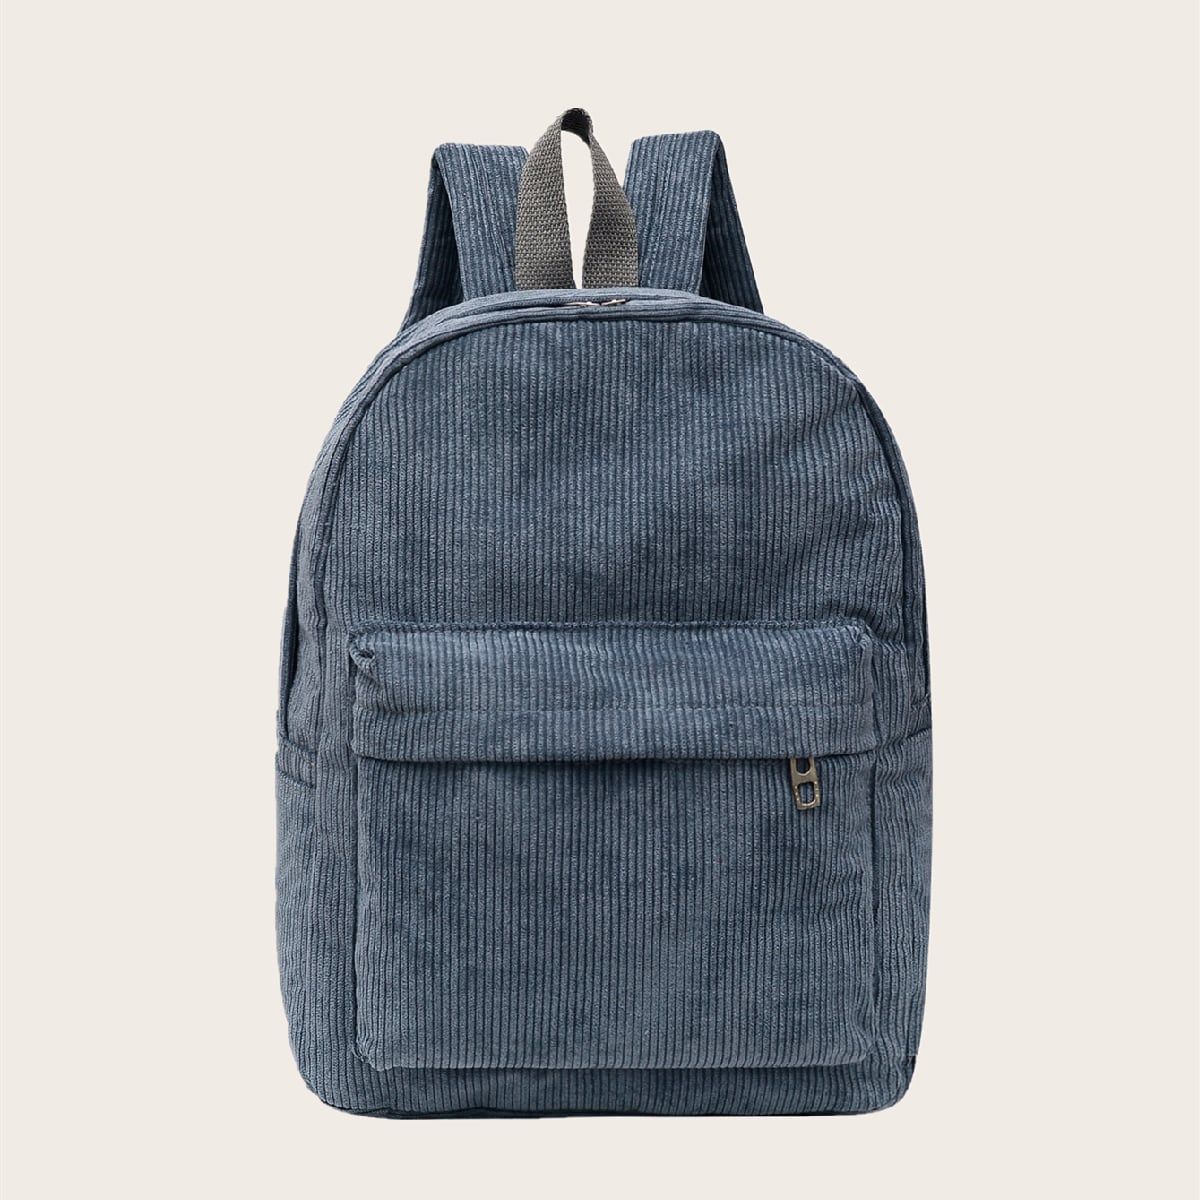 Минималистский вельветовый рюкзак с карманом